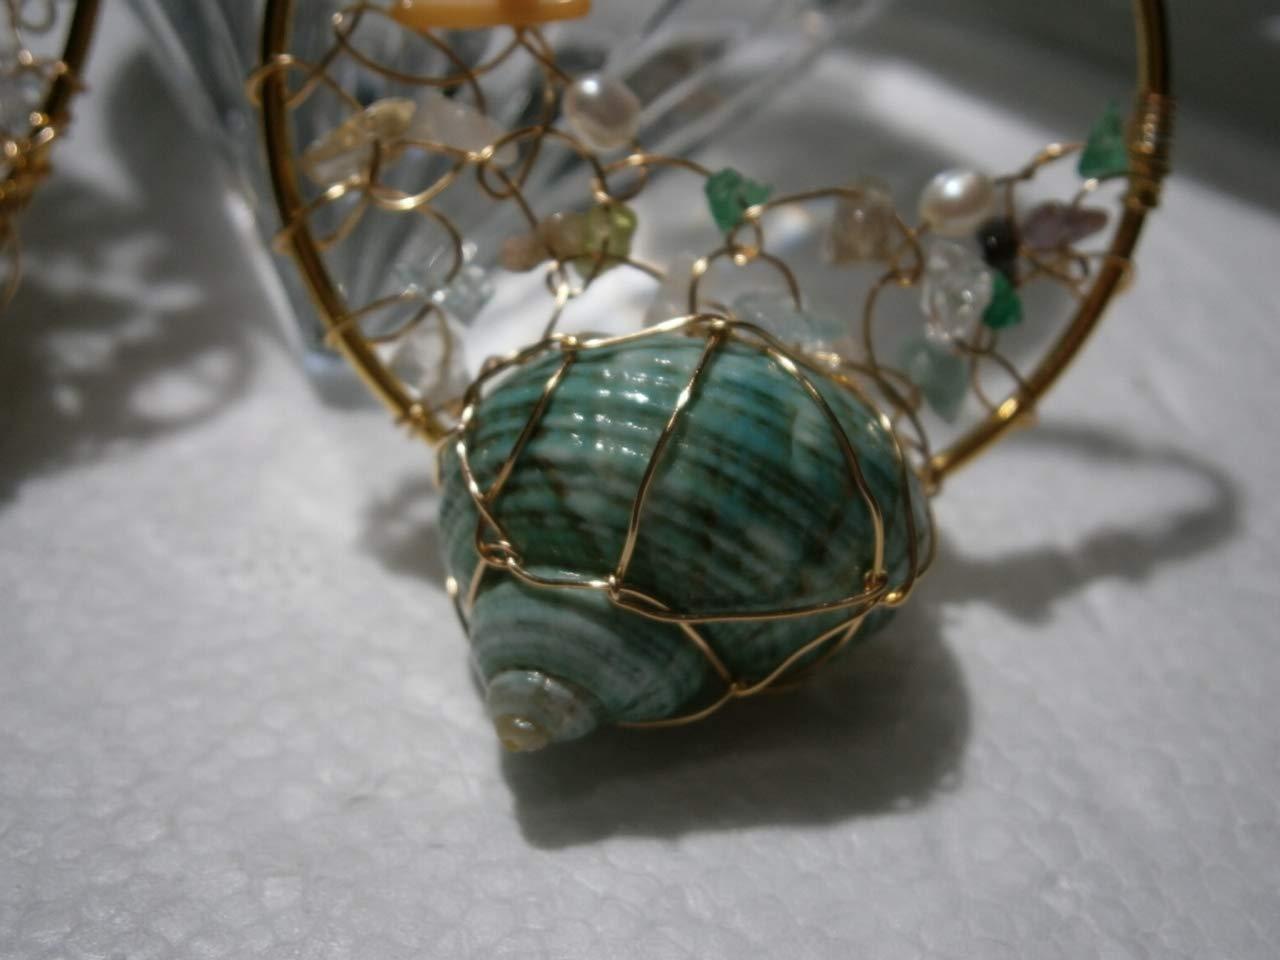 Crazy Ohrringe 60 Millimeter Creolen Muschel t/ürkis Perlen wei/ß Edelsteinmix pastell Strandschmuck Hippy